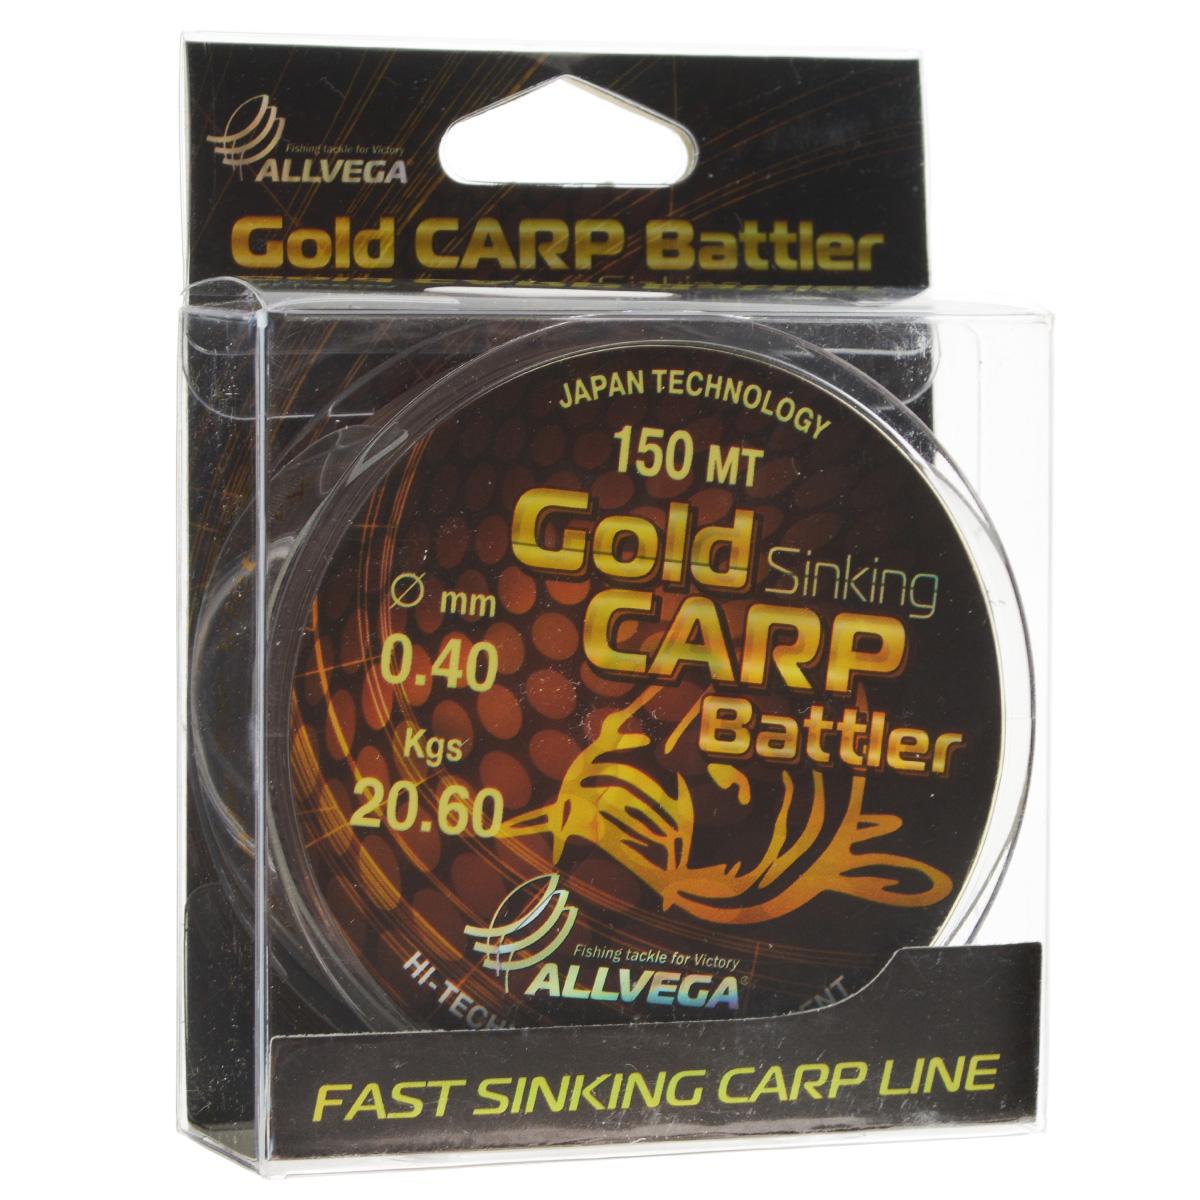 Леска Allvega Gold Carp Battler, цвет: коричневый, 150 м, 0,40 мм, 20,6 кг46933Карповая леска Allvega Gold Carp Battler была разработана для ловли действительно крупной рыбы. Устойчива к большим нагрузкам в условиях густой растительности и коряжнике. Специальный цвет имеет неоднородную структуру, что позволяет быть не заметной на дне. Хорошо тонет, что является важным критерием для выбора карповой лески.